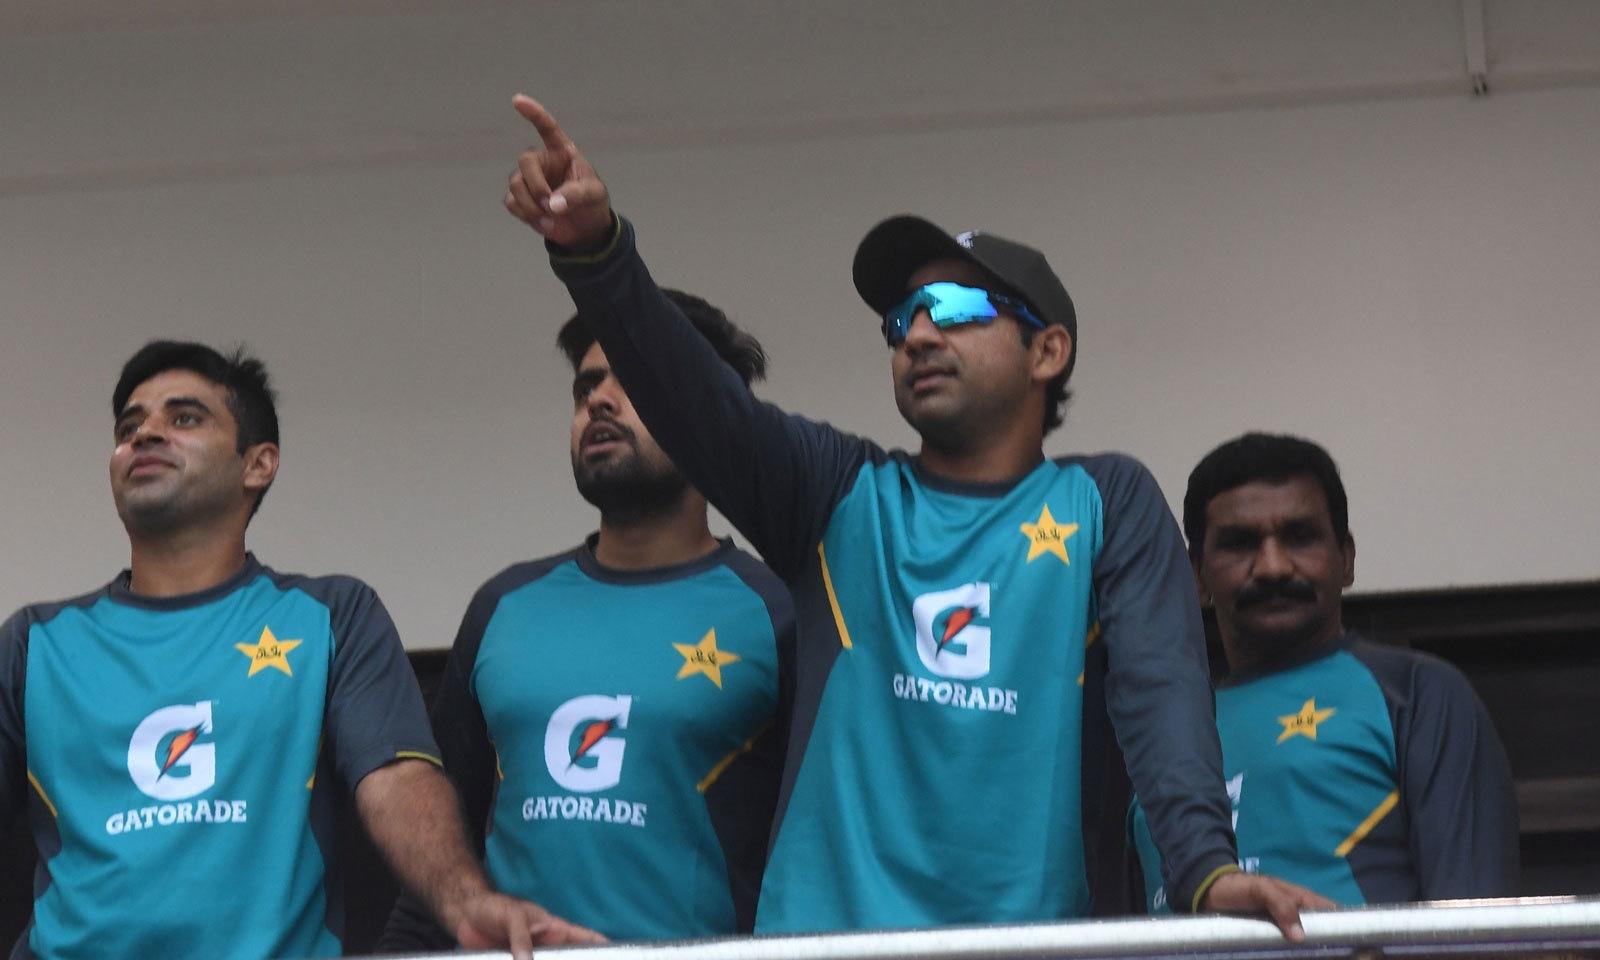 کراچی میں بارش کے دوران قومی ٹیم کے کپتان سرفراز احمد اور دیگر کھلاڑی موسم سے لطف اندوز ہورہے ہیں— فوٹو: اے ایف پی